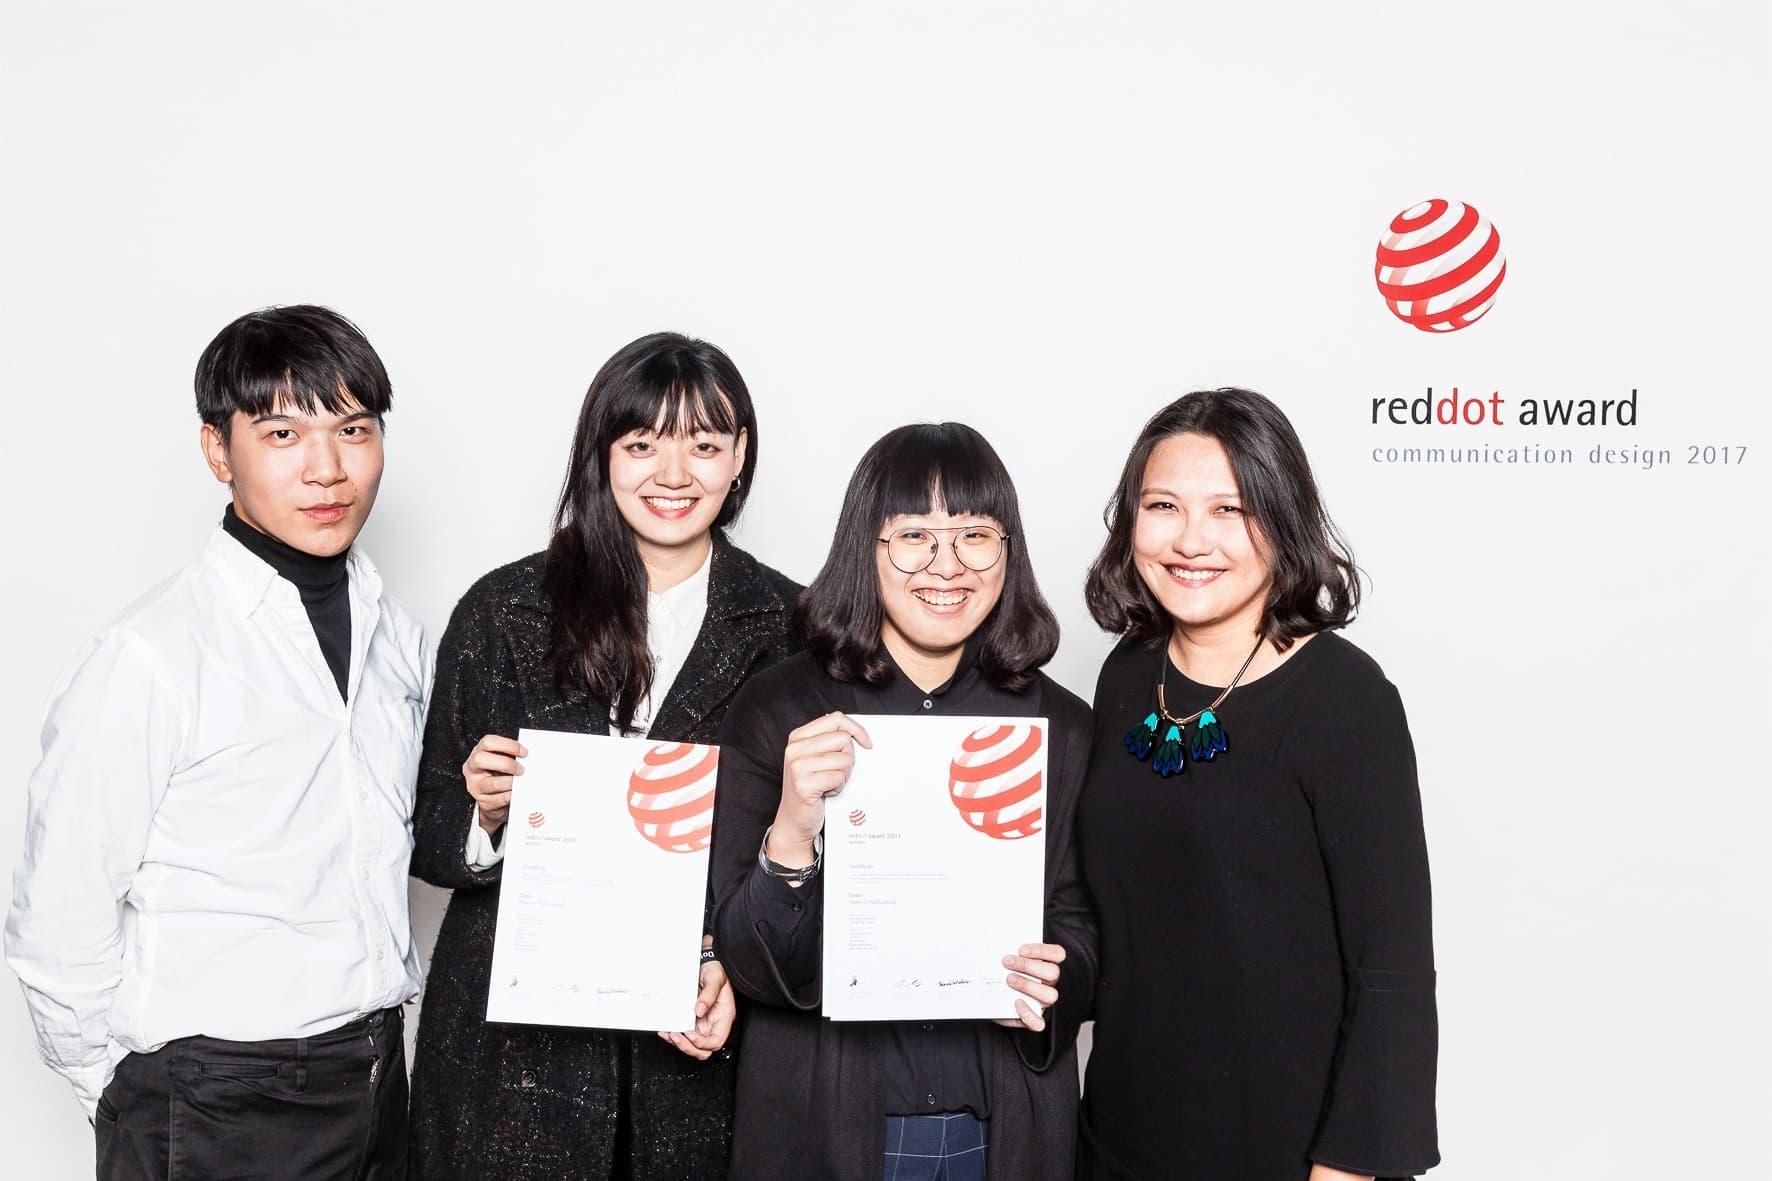 (左2起)獲獎學生韓瑜、童園婷及指導老師曾薰誼等獲紅點設計獎師生合影